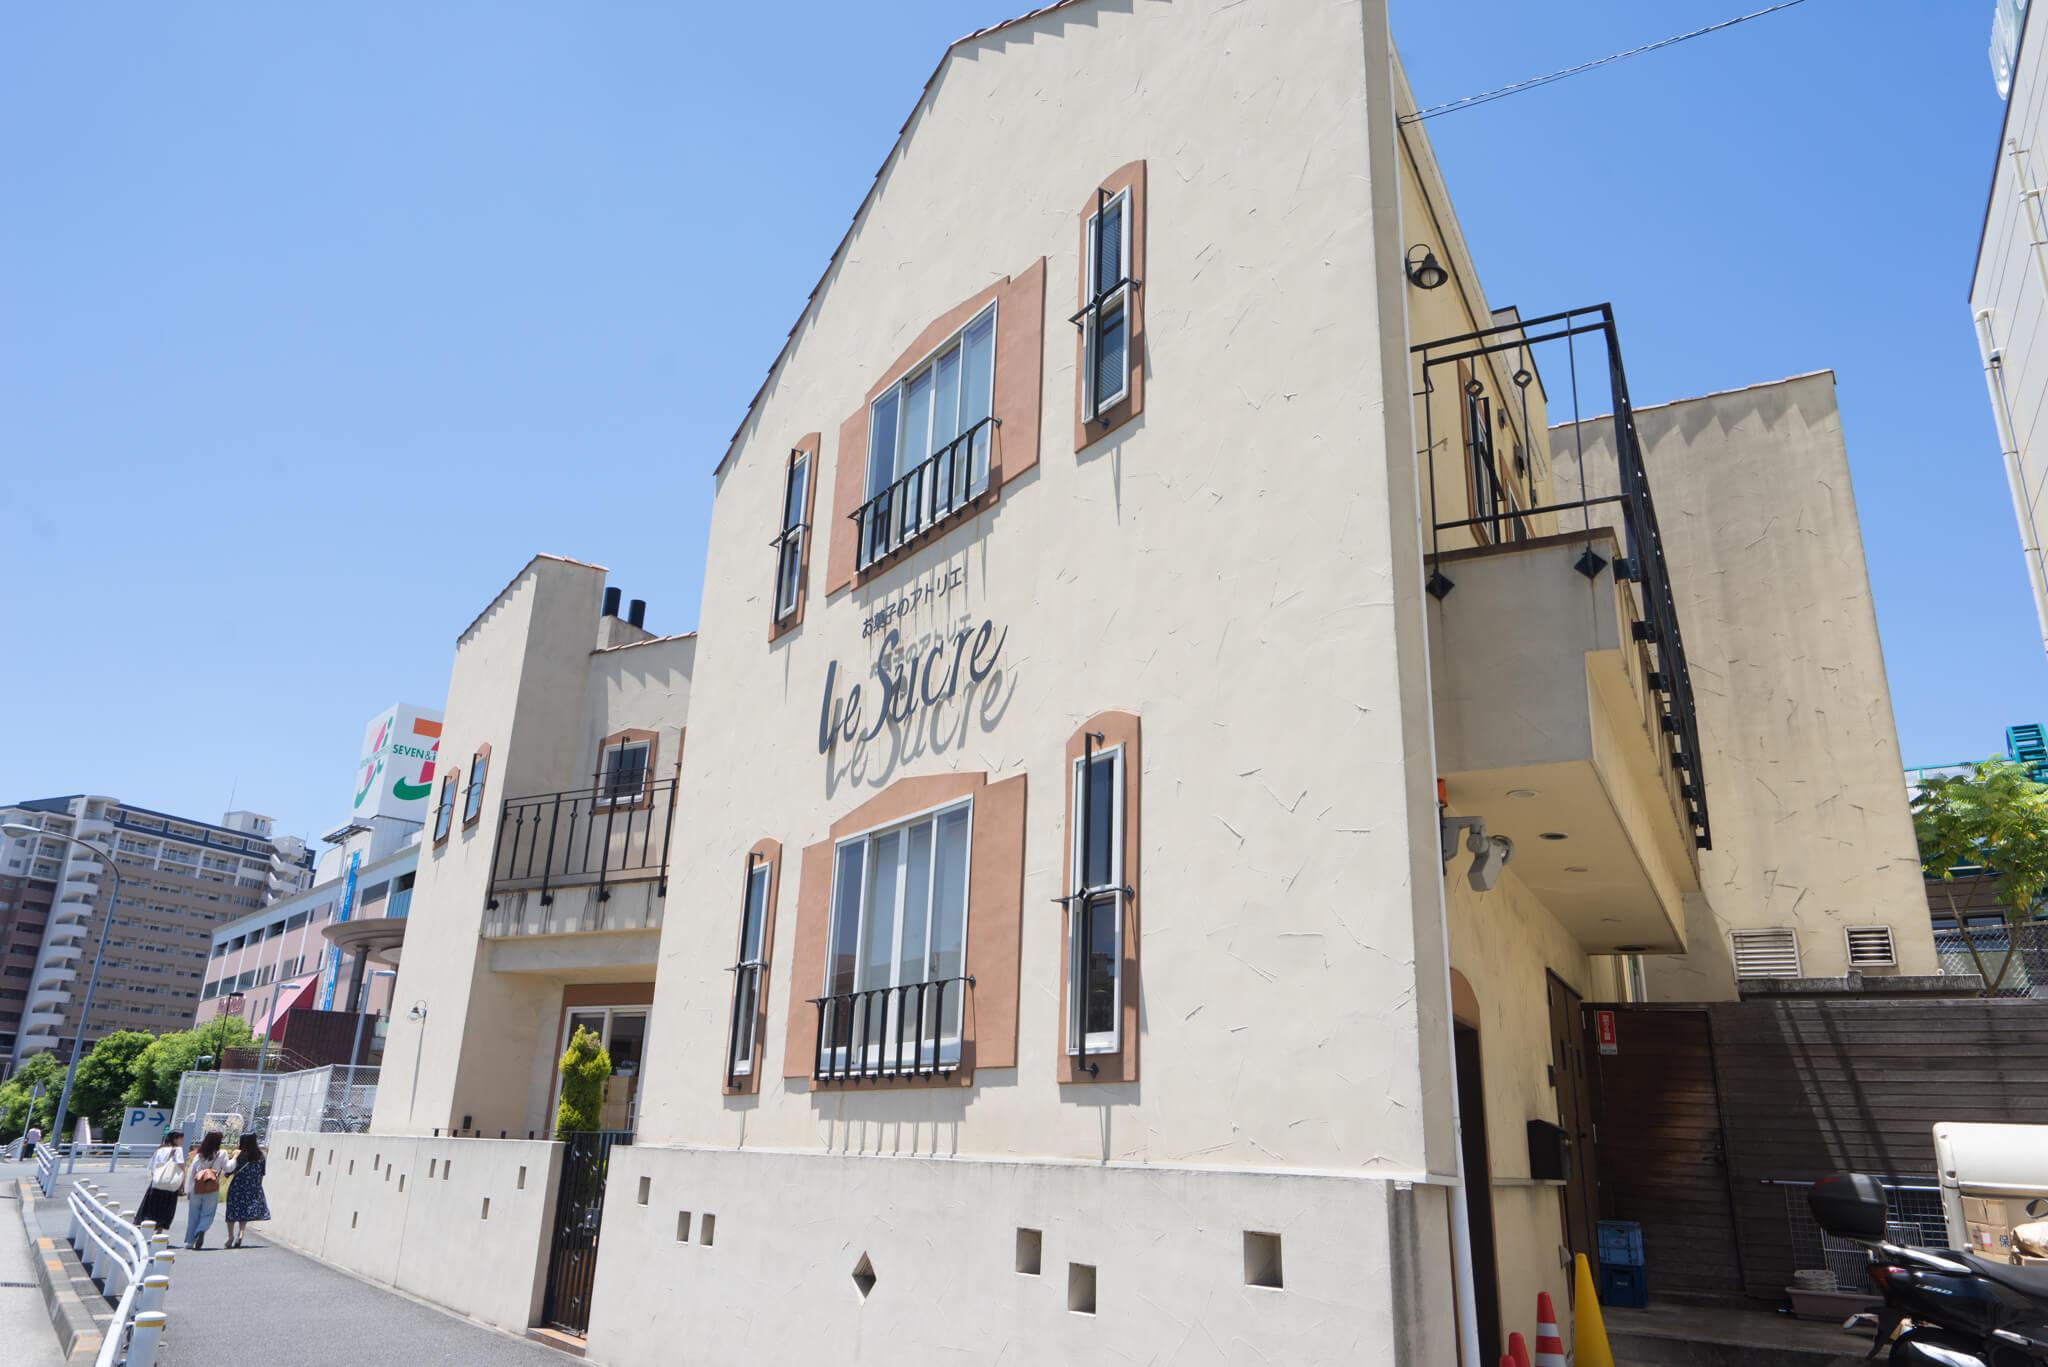 駅から物件までの道すがらにも、なにやら西洋風の可愛い建物が。こちらは「お菓子のアトリエ ル・シュクル」というかわいい名前のケーキ屋さん。